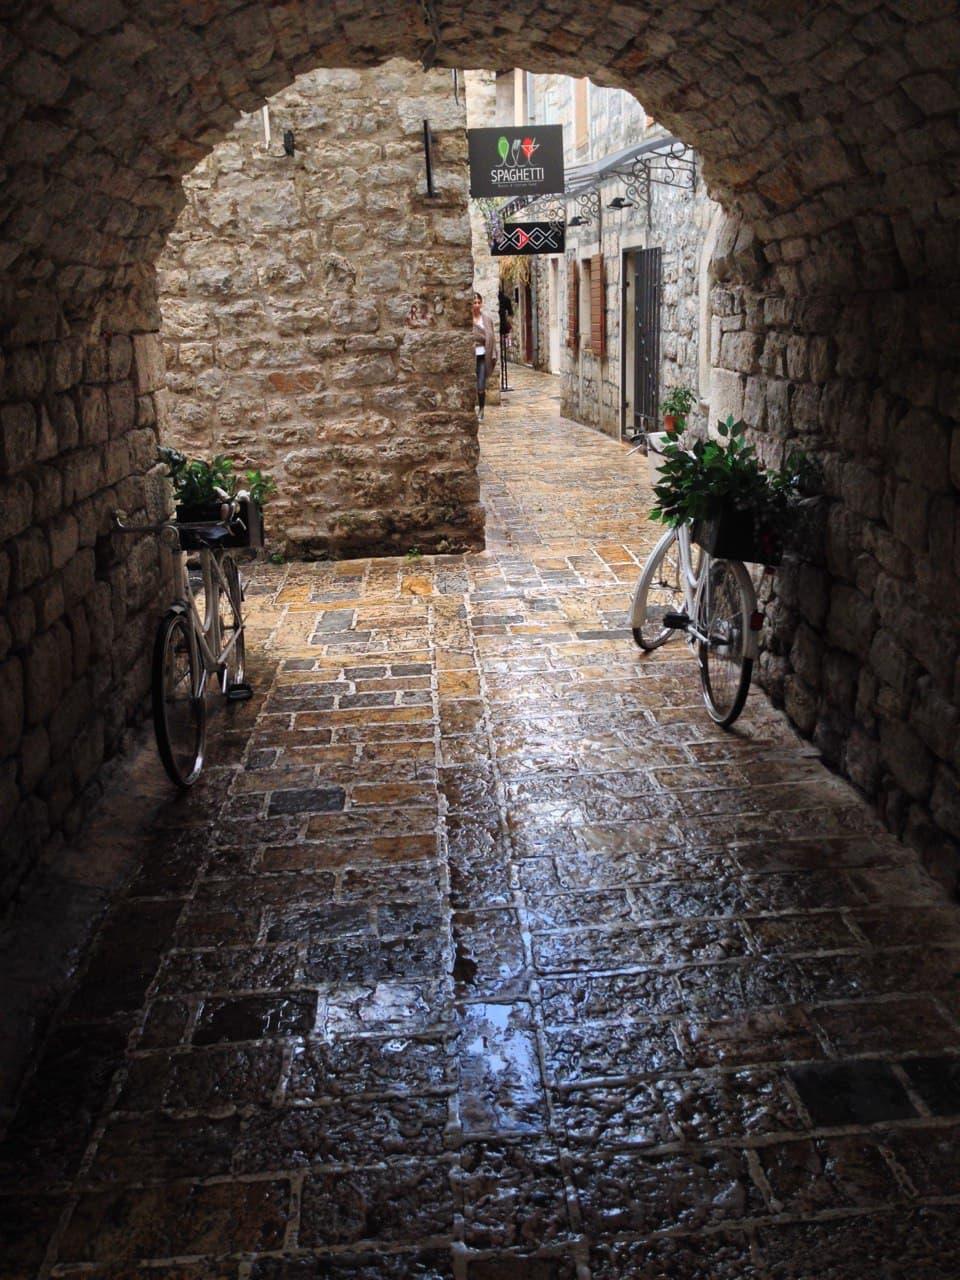 Черногорский город. Обычно тут яблоку негде упасть. Но дождь все поменял и в теперь это средневековье только твое.